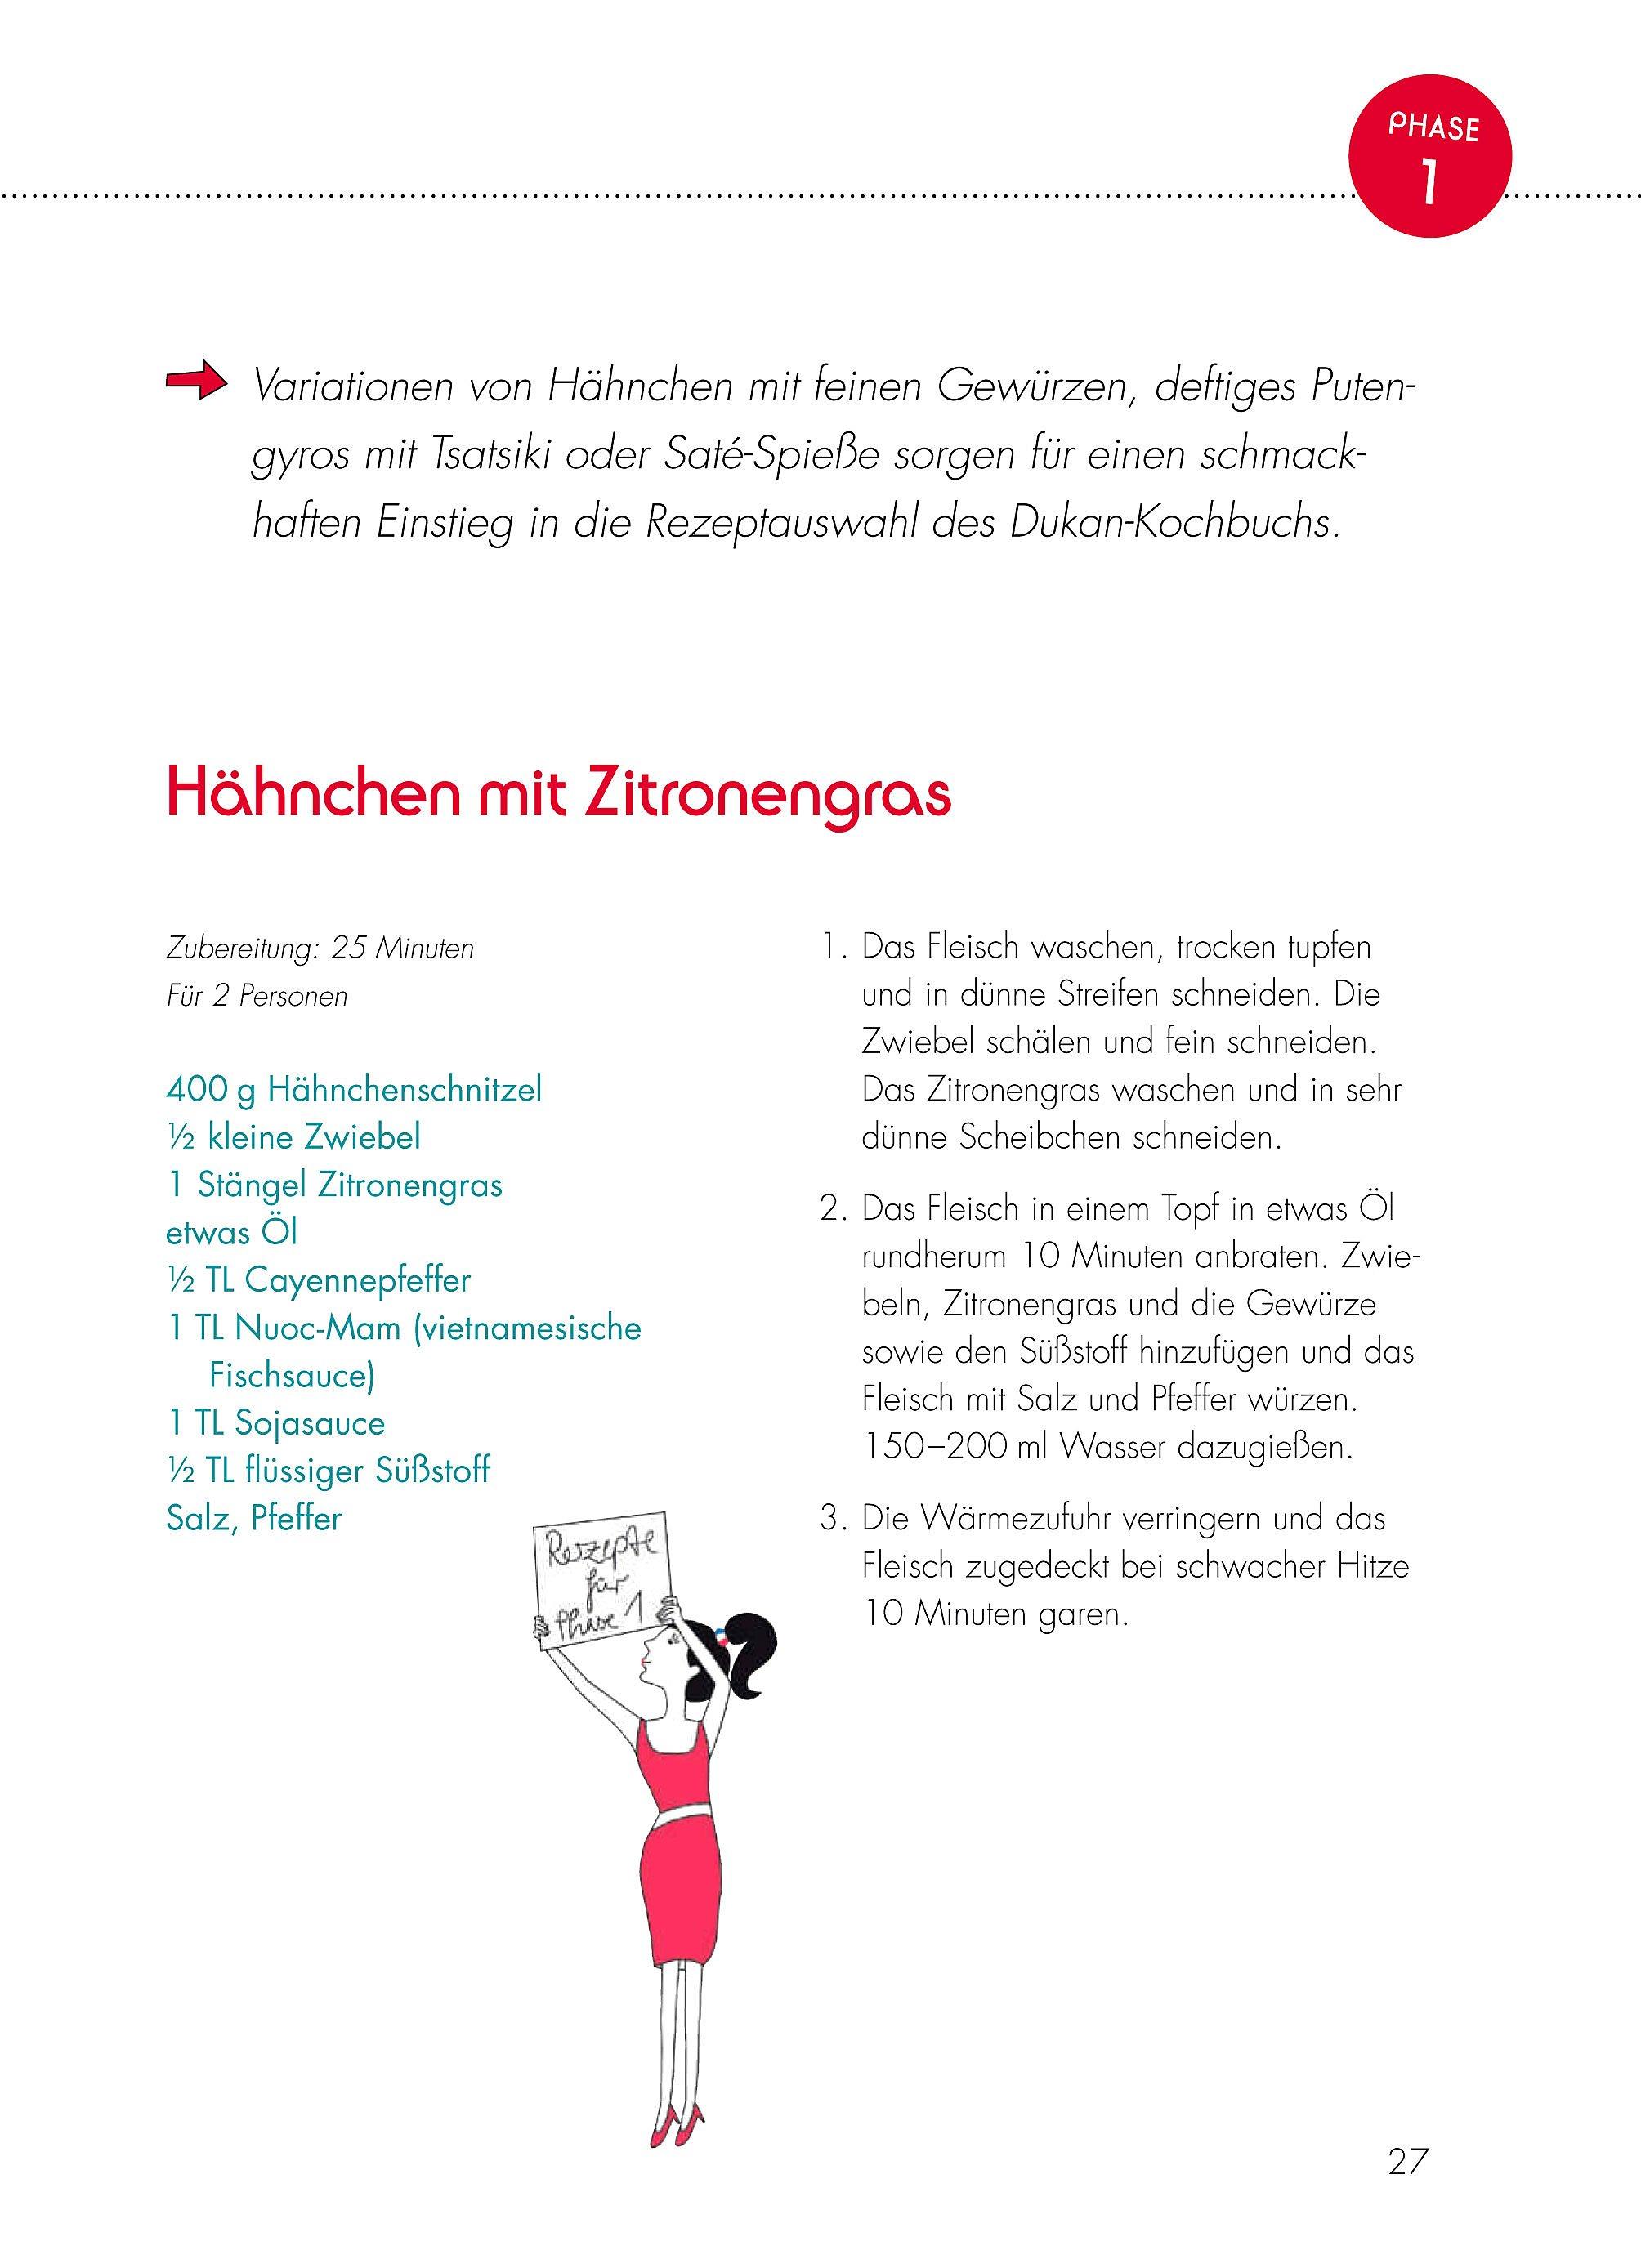 Das Dukan Diat Kochbuch Buch Bei Weltbild De Online Bestellen